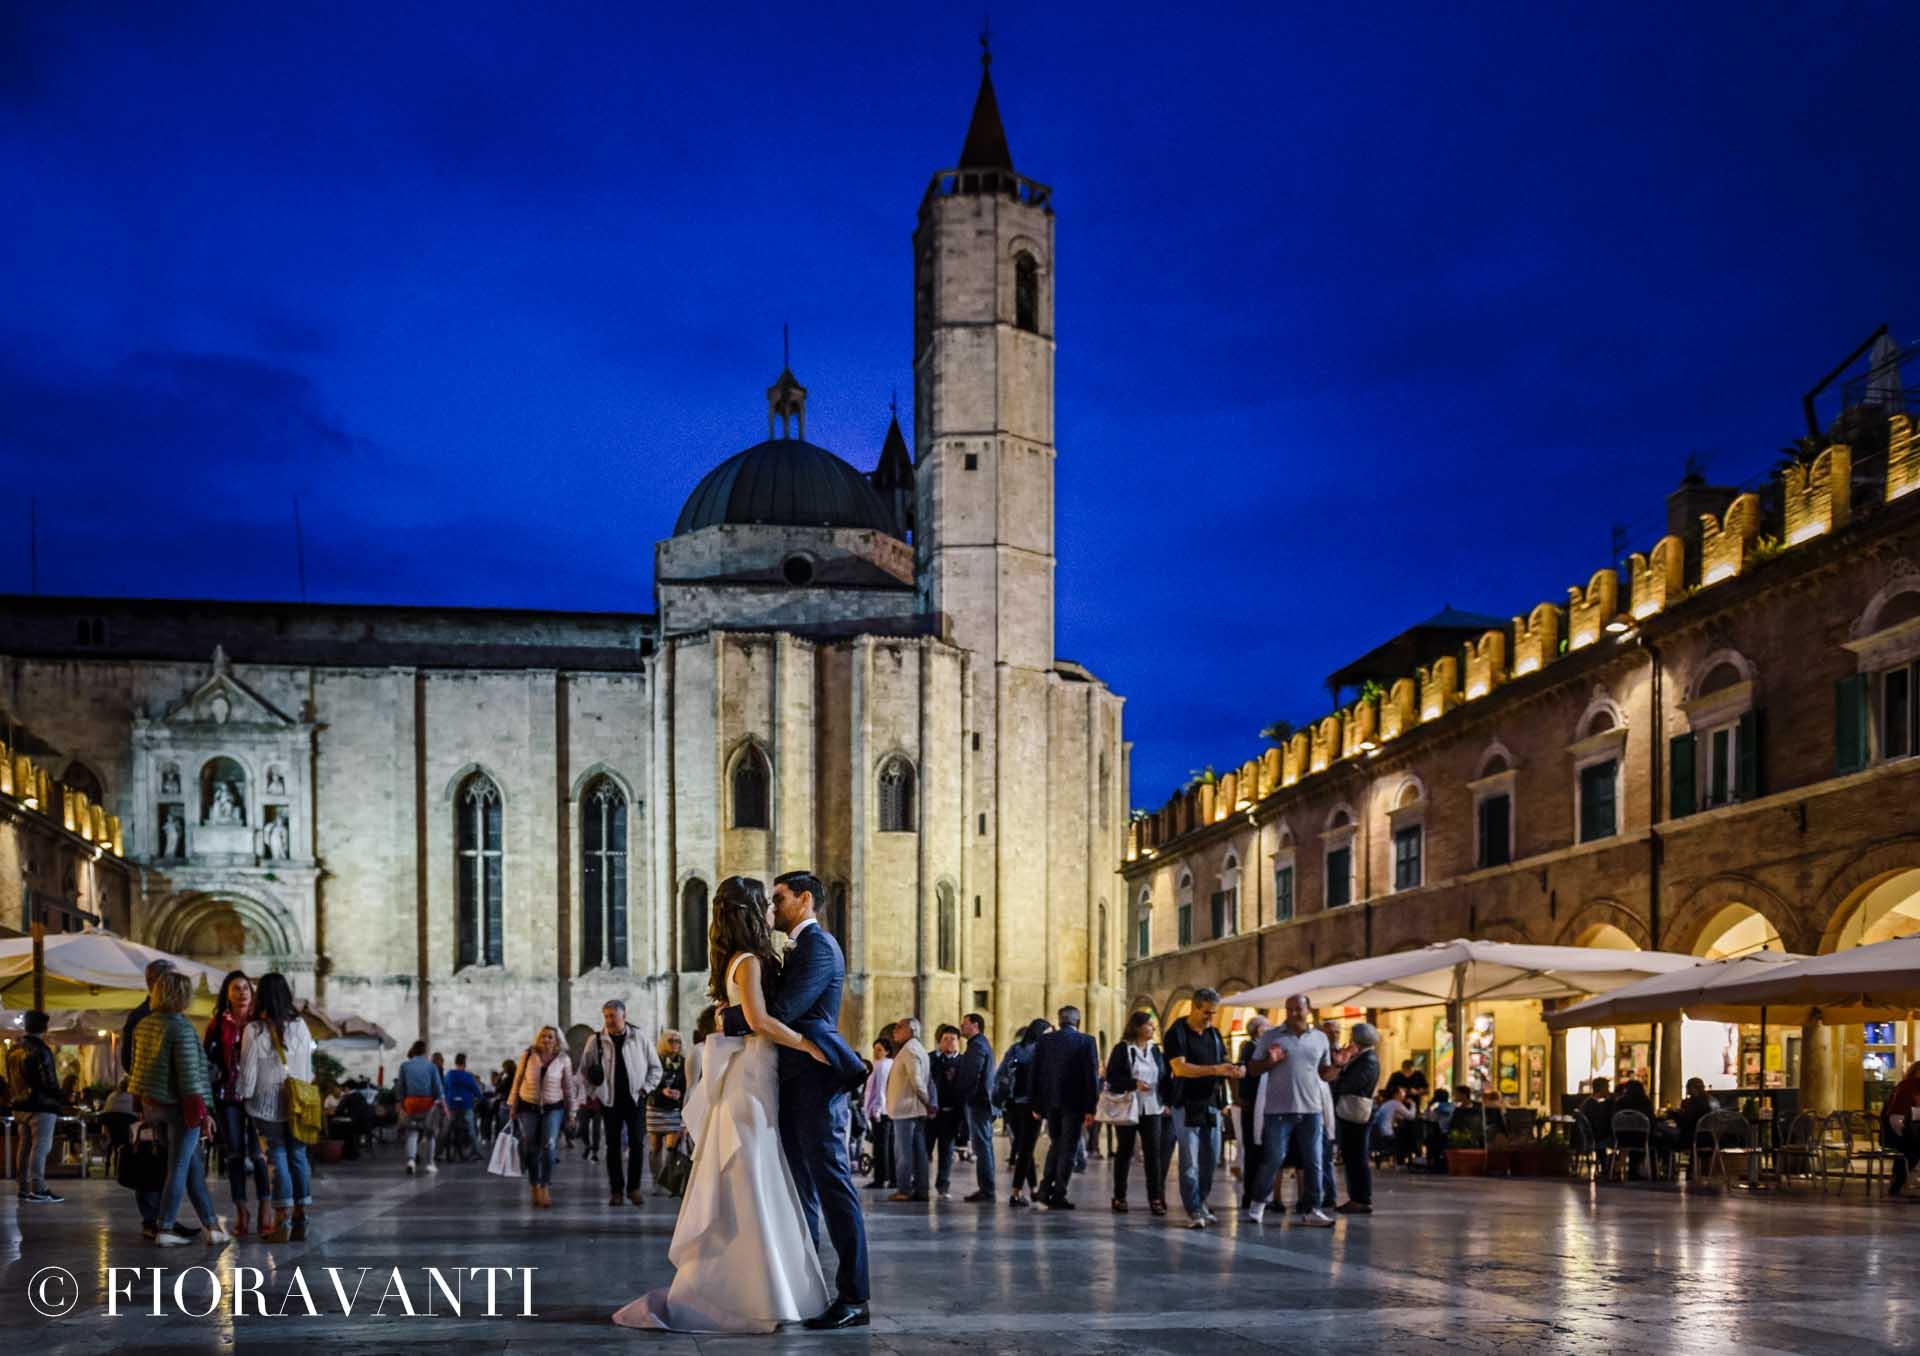 Fotografo matrimoni Marche Studio Fotografico Fioravanti Ascoli Piceno Livio Fioravanti Fotografo Matrimonio Ascoli Piceno 61